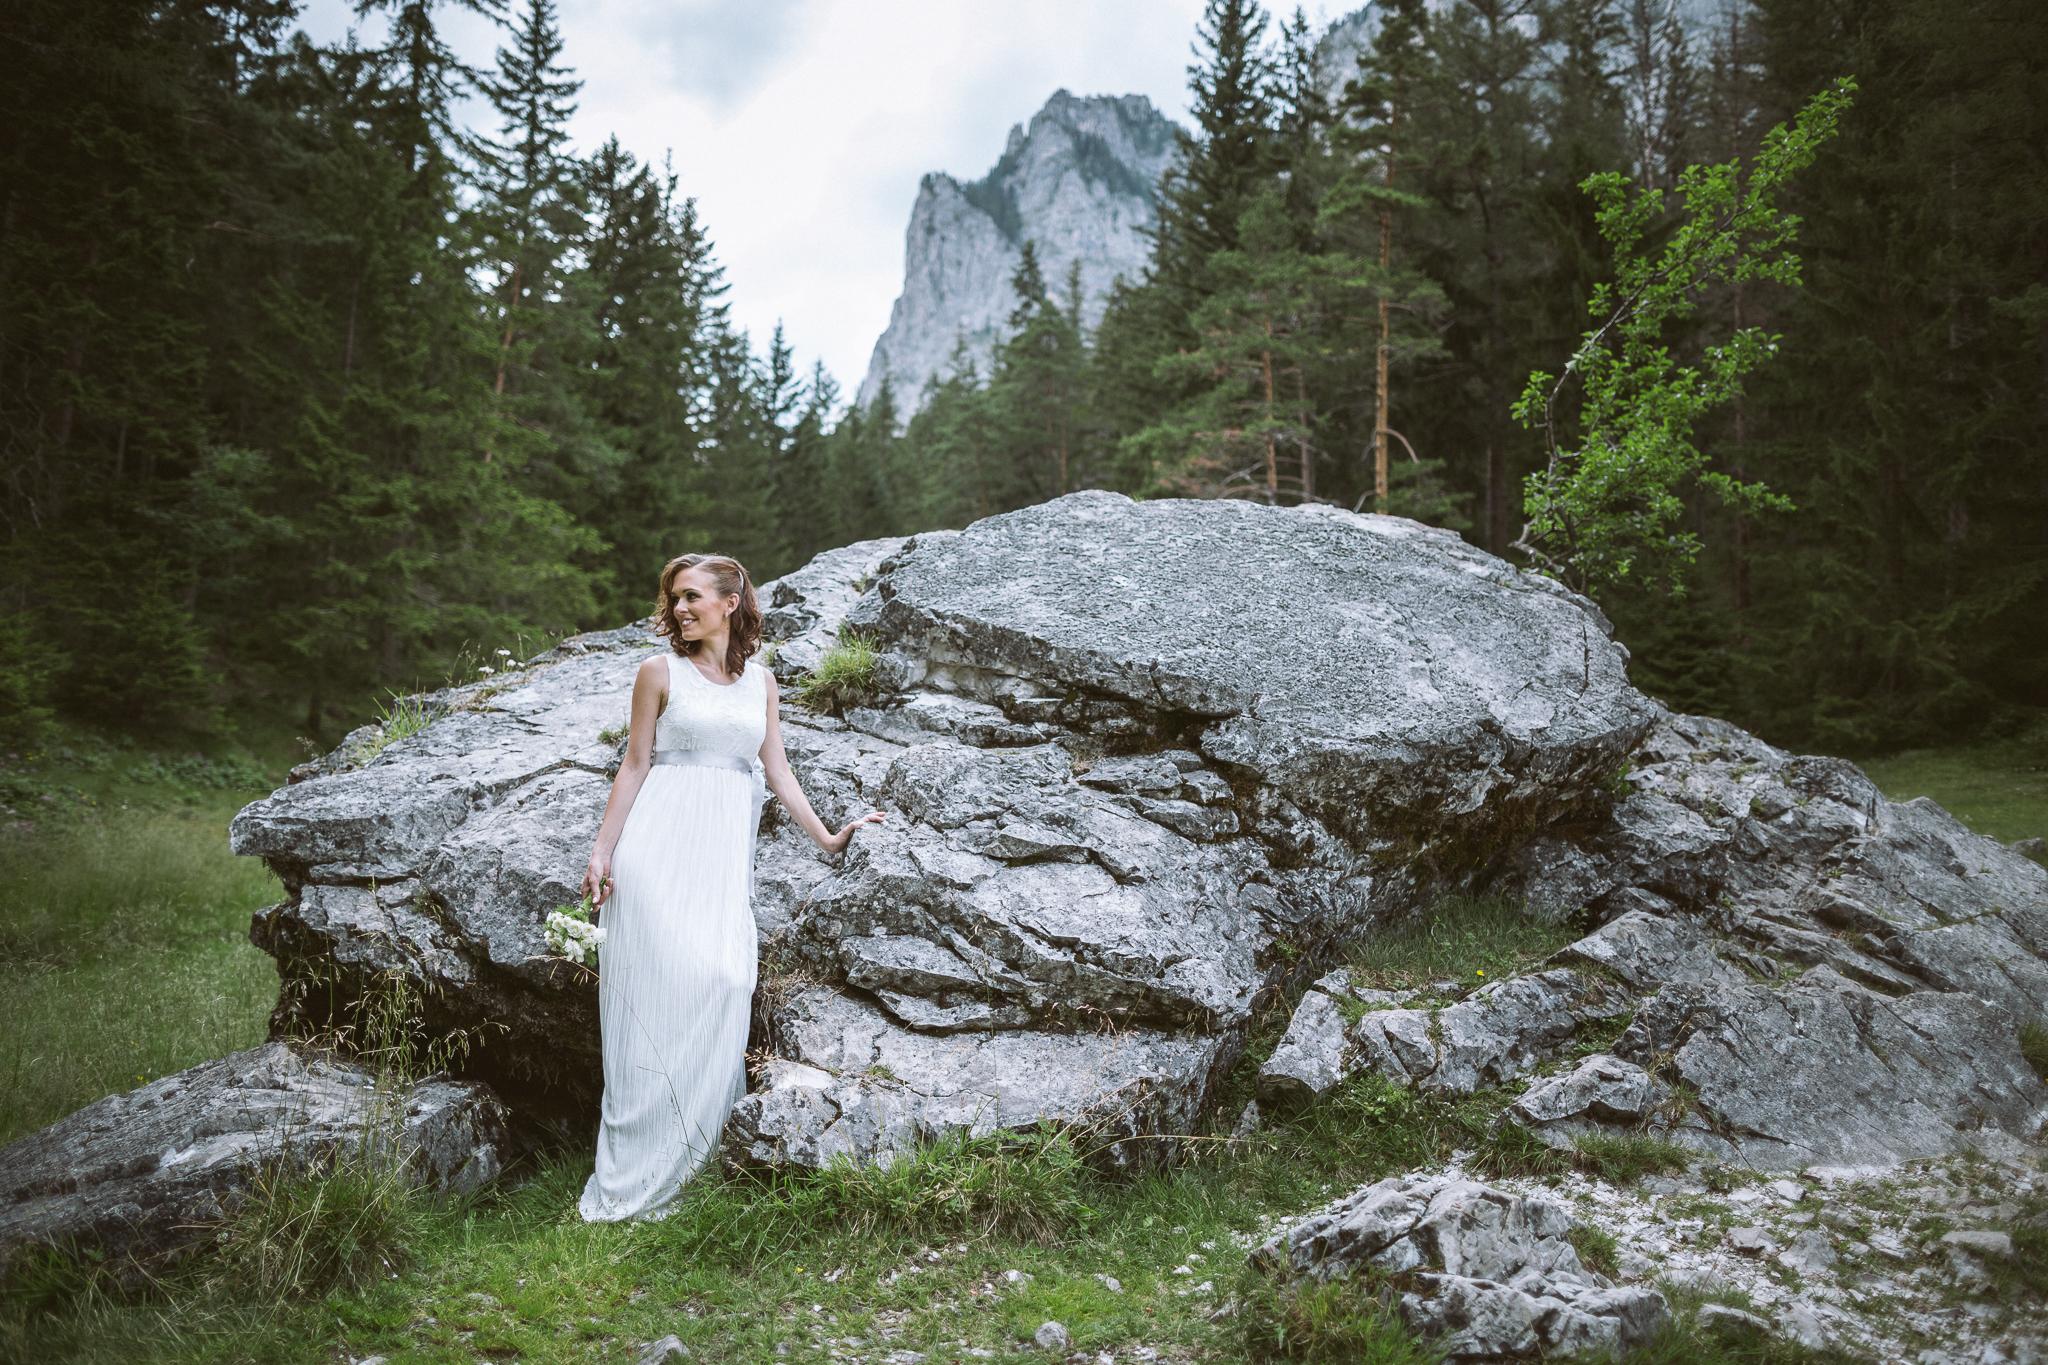 FylepPhoto, esküvőfotózás, magyarország, esküvői fotós, vasmegye, prémium, jegyesfotózás, Fülöp Péter, körmend, kreatív, grüner see_18.jpg